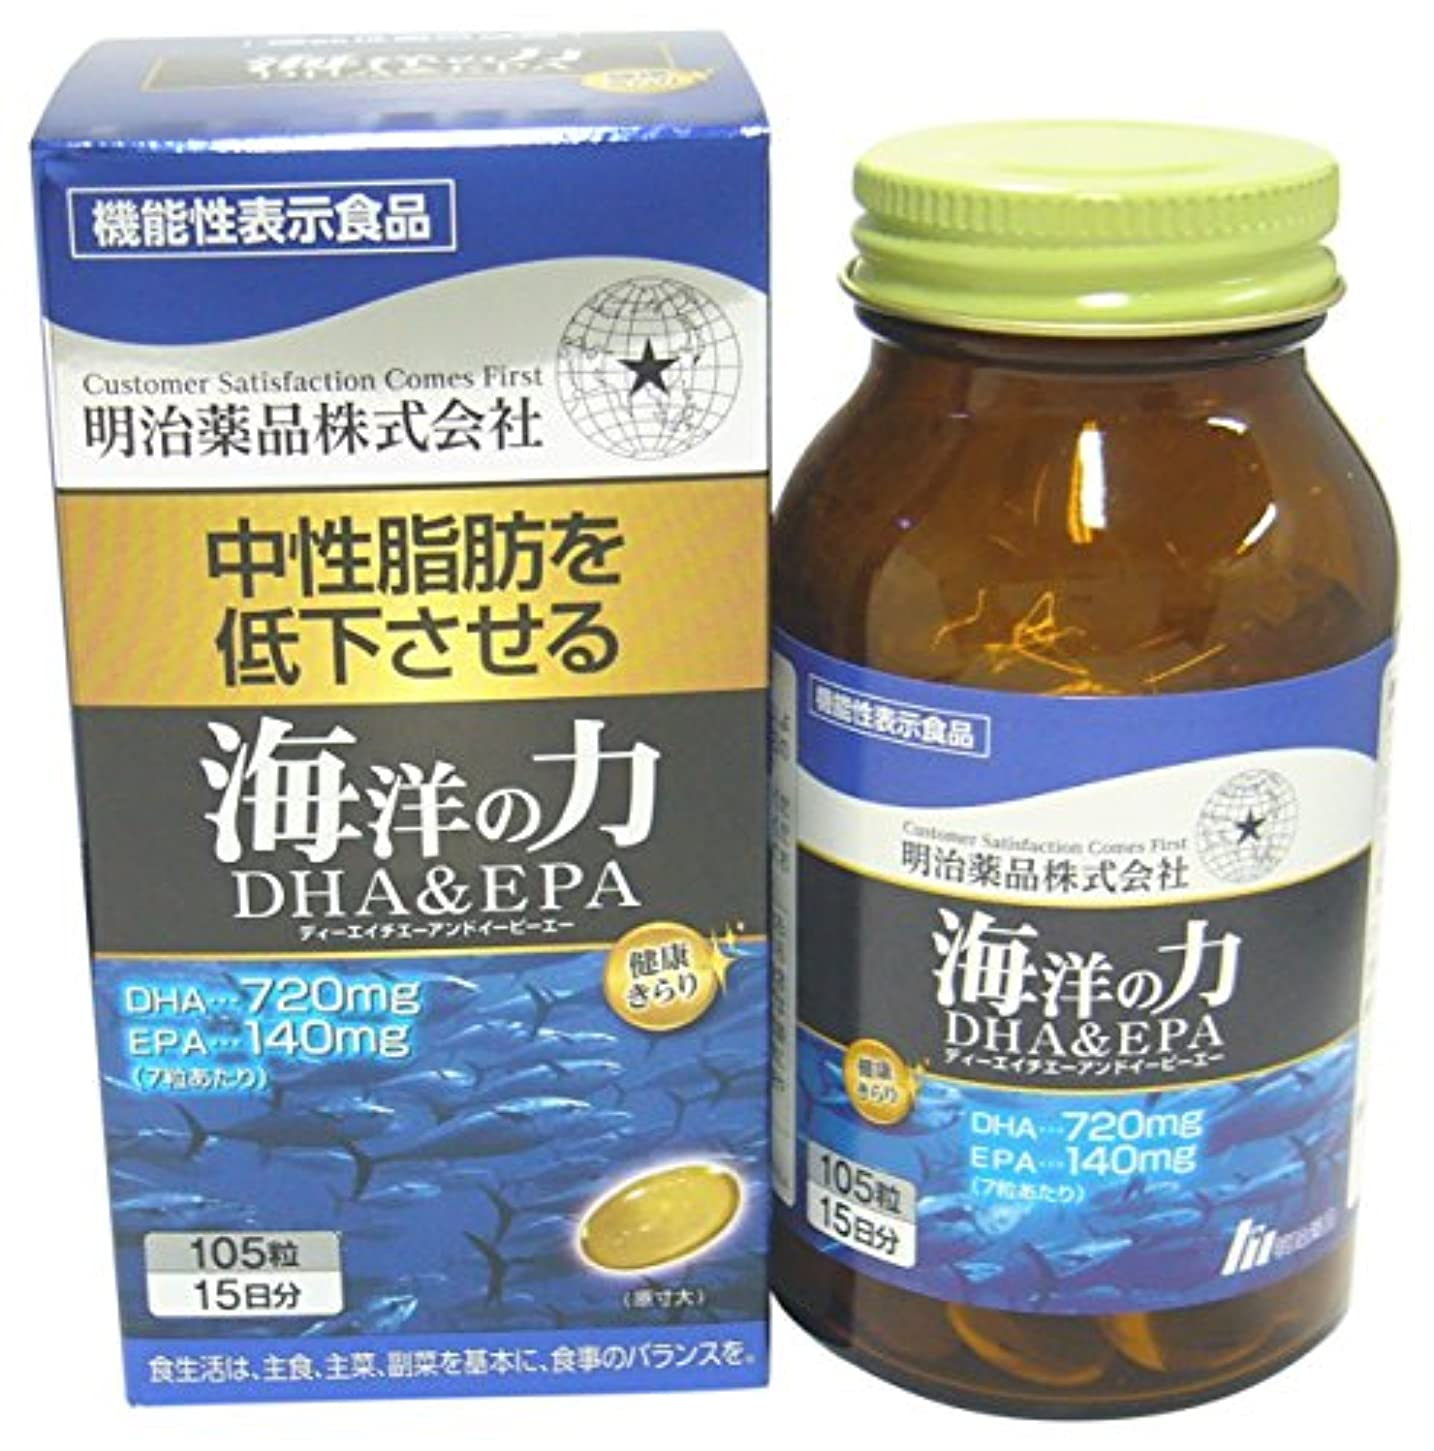 テナント以下トン健康きらり 海洋の力DHA&EPA 105粒